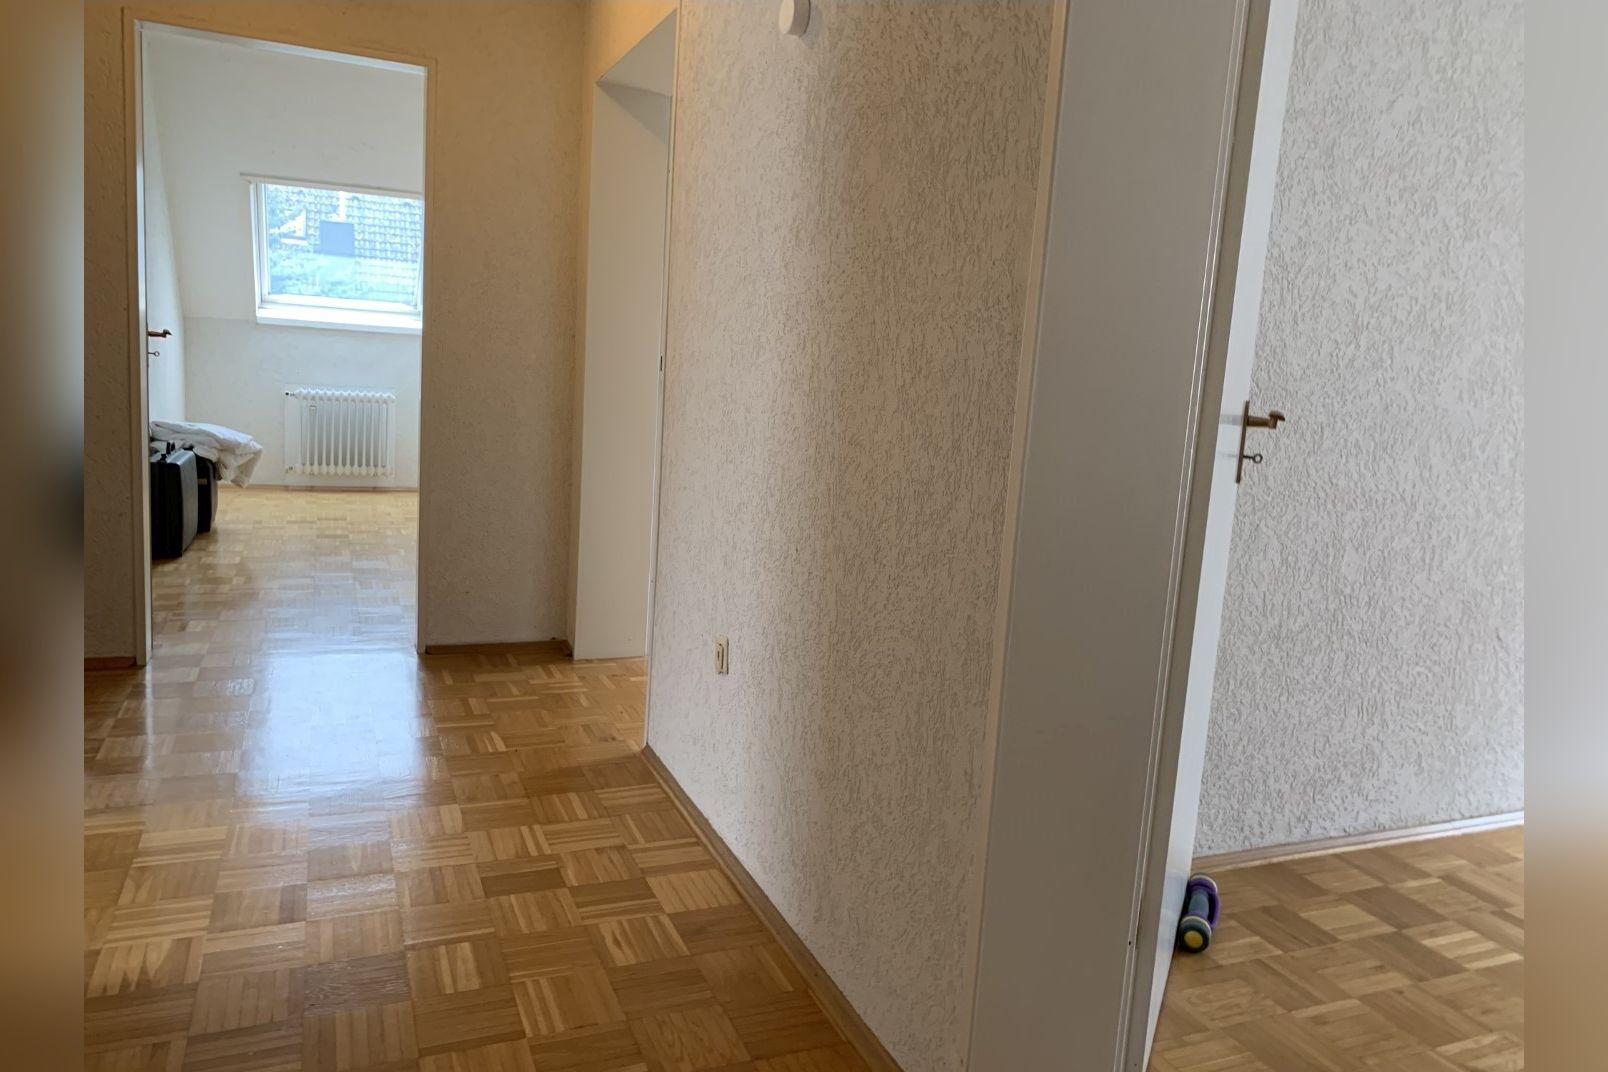 Immobilie Nr.0260 - Einfamilienhaus, zum 2-FH erweiterbar. Spitzboden als zusätzl. Ausbaureserve - Bild 15.jpg